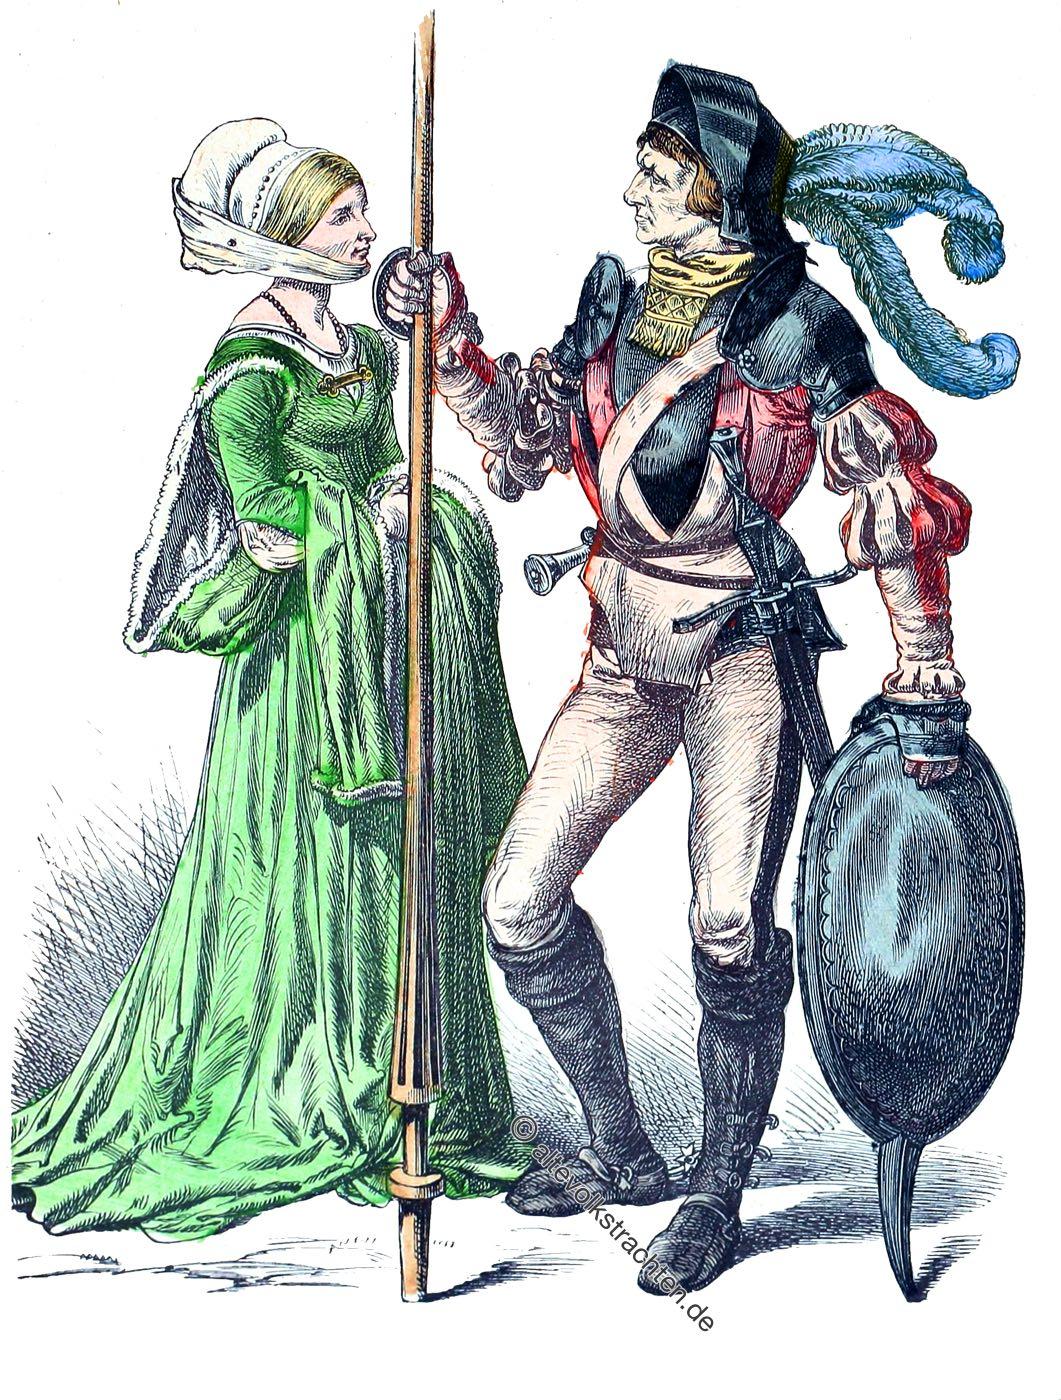 Bürgerin, Bürger, Ritter, Gewandung, Kostüme, Mittelalter, Renaissance, Mode, Münchener Bilderbogen